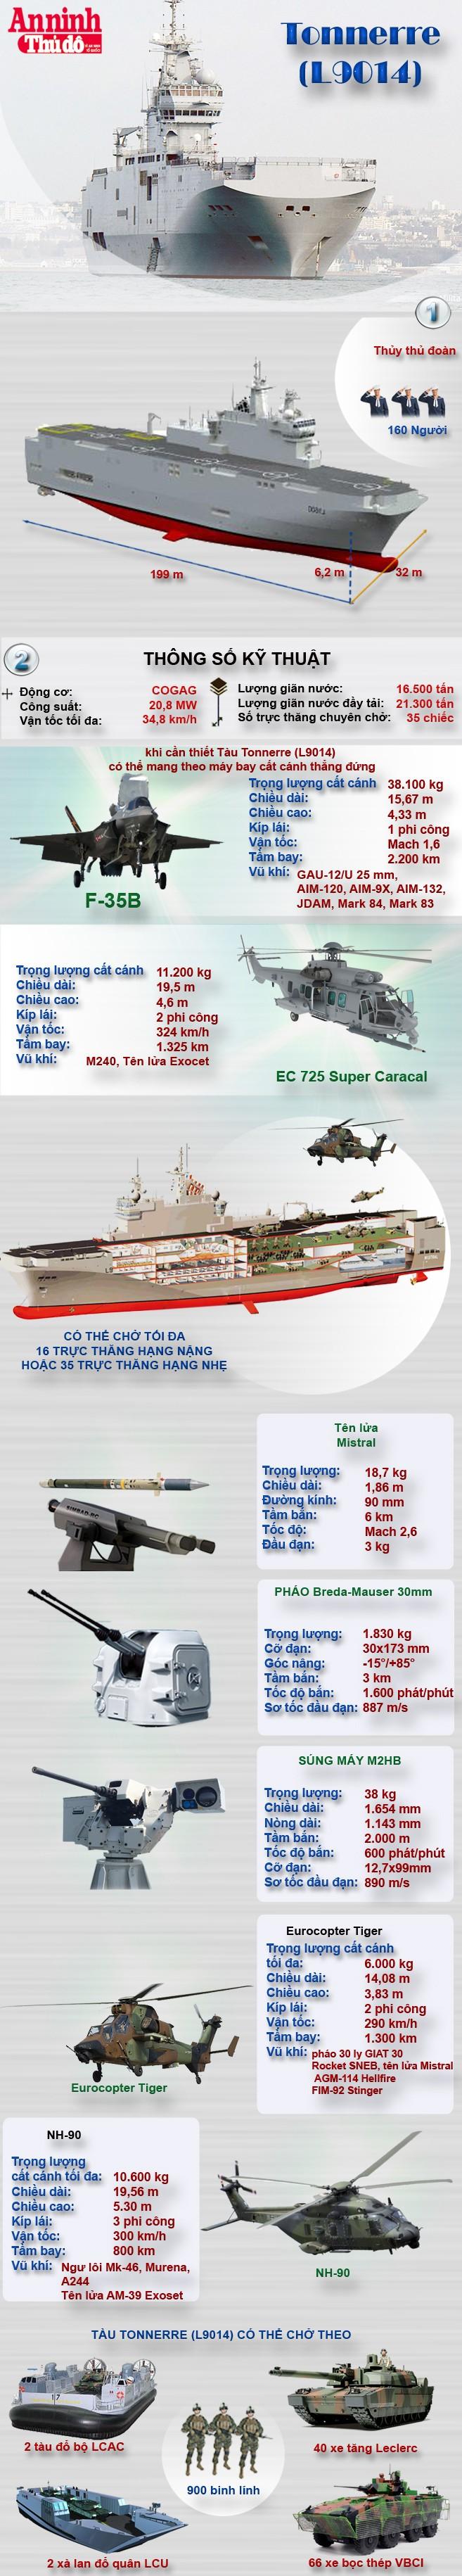 [Infographic] Chiến hạm chỉ huy Tonnerre của Pháp thăm Việt Nam ảnh 1